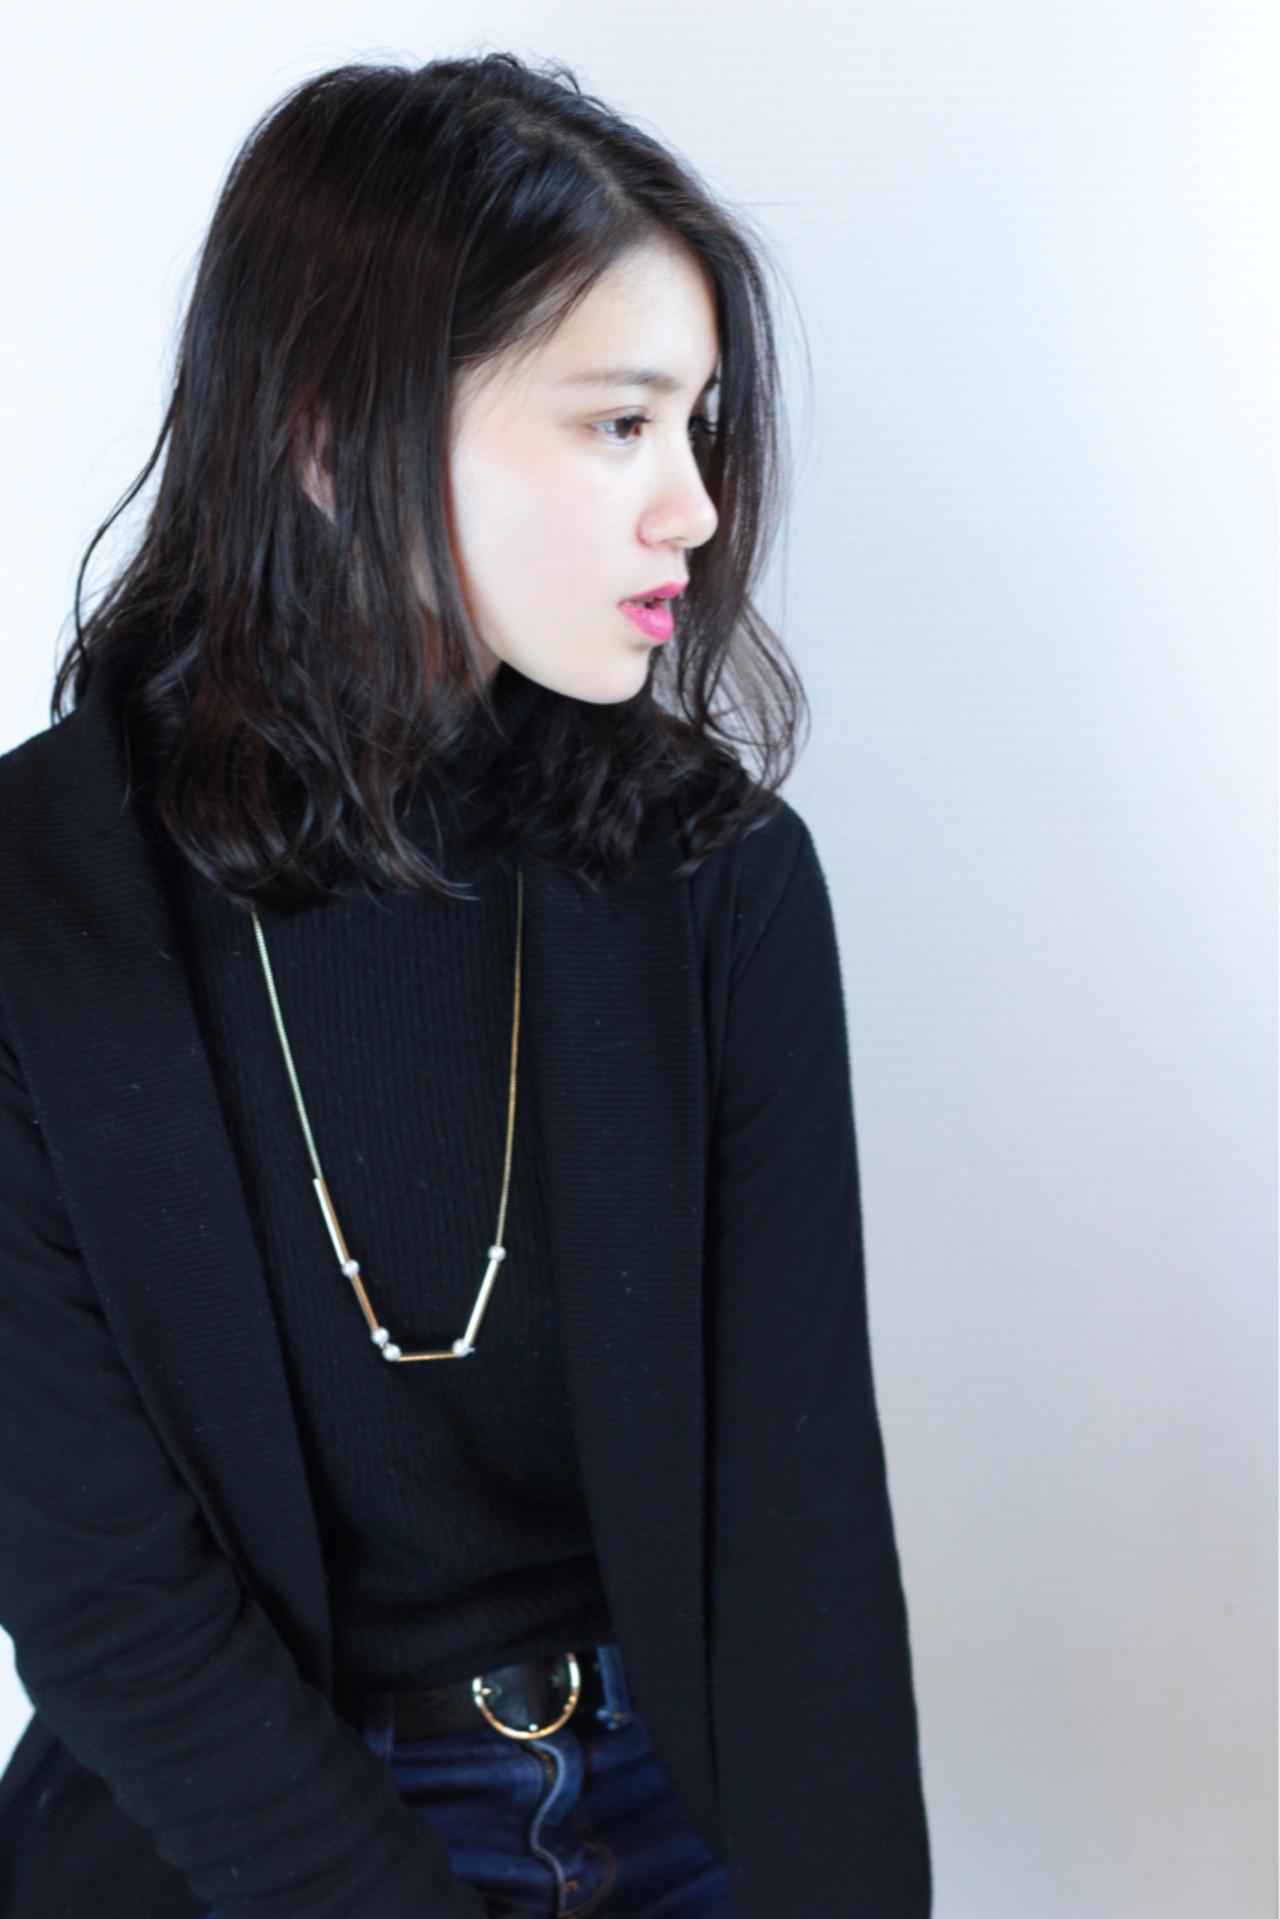 韓国芸能人に学ぶオルチャンヘア 松田 和幸